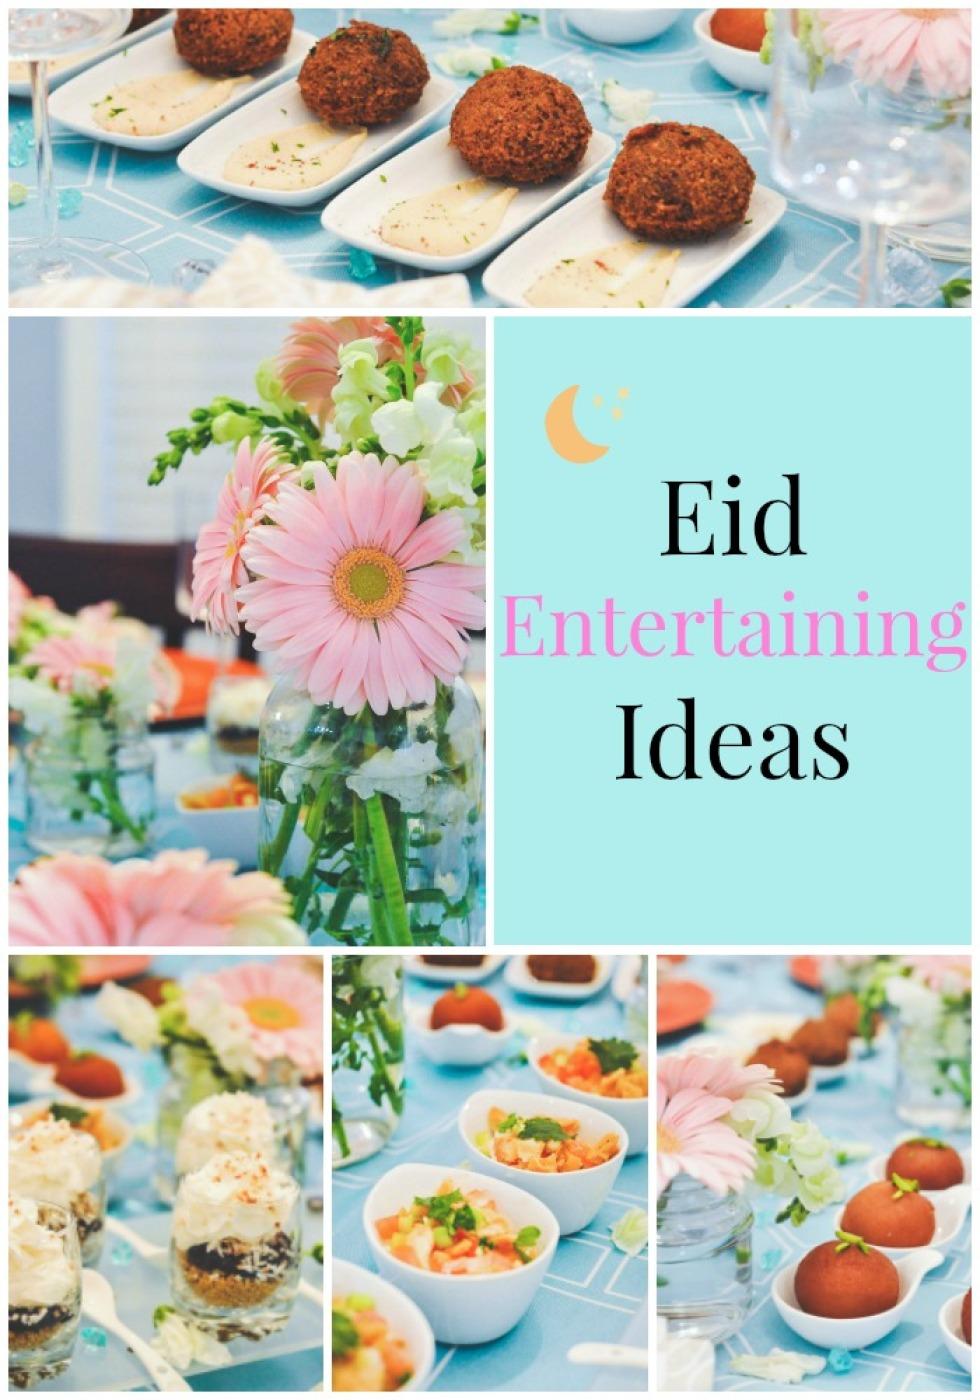 eid-entertaining-ideas